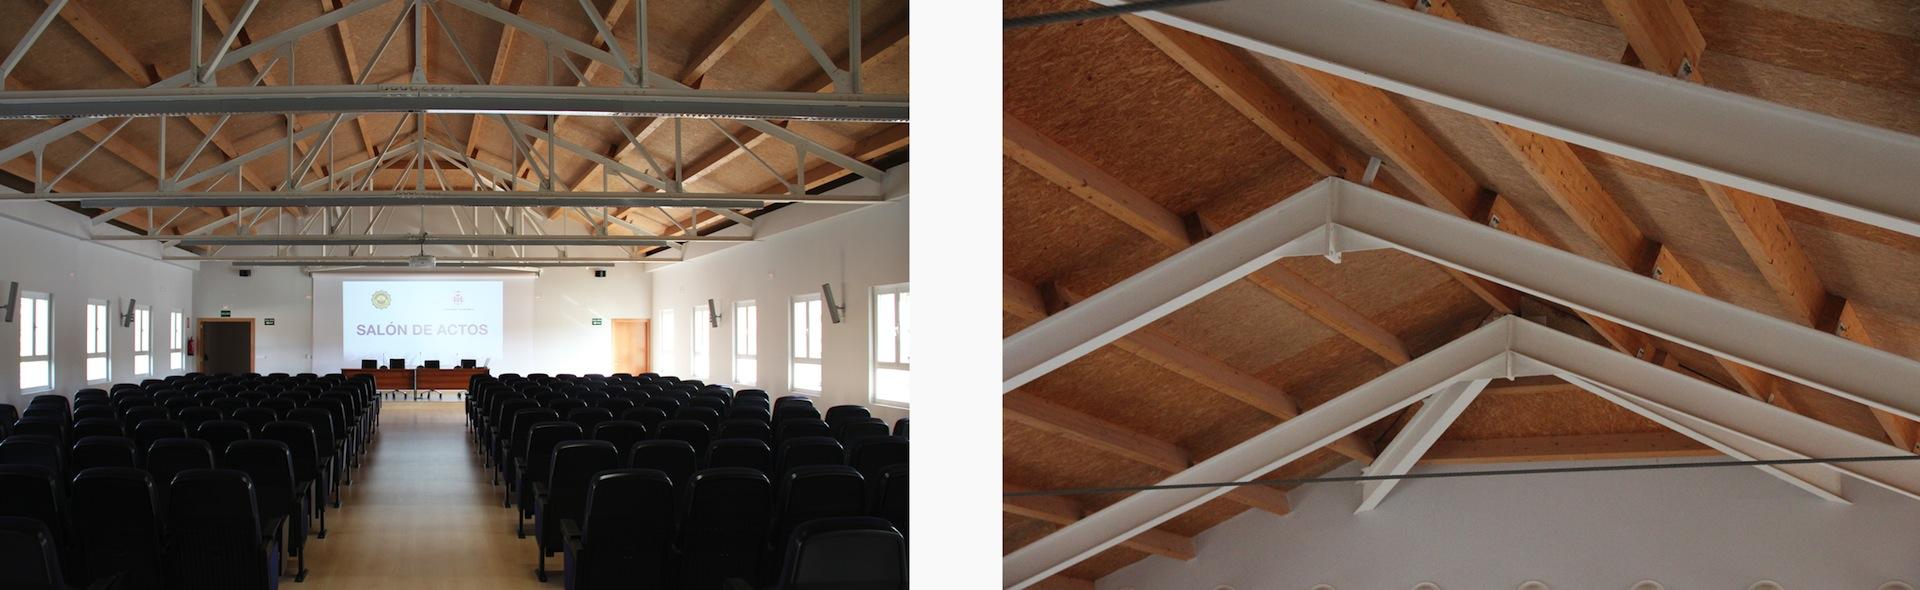 singularq-architecture-lab-cise-valencia-arquitectura